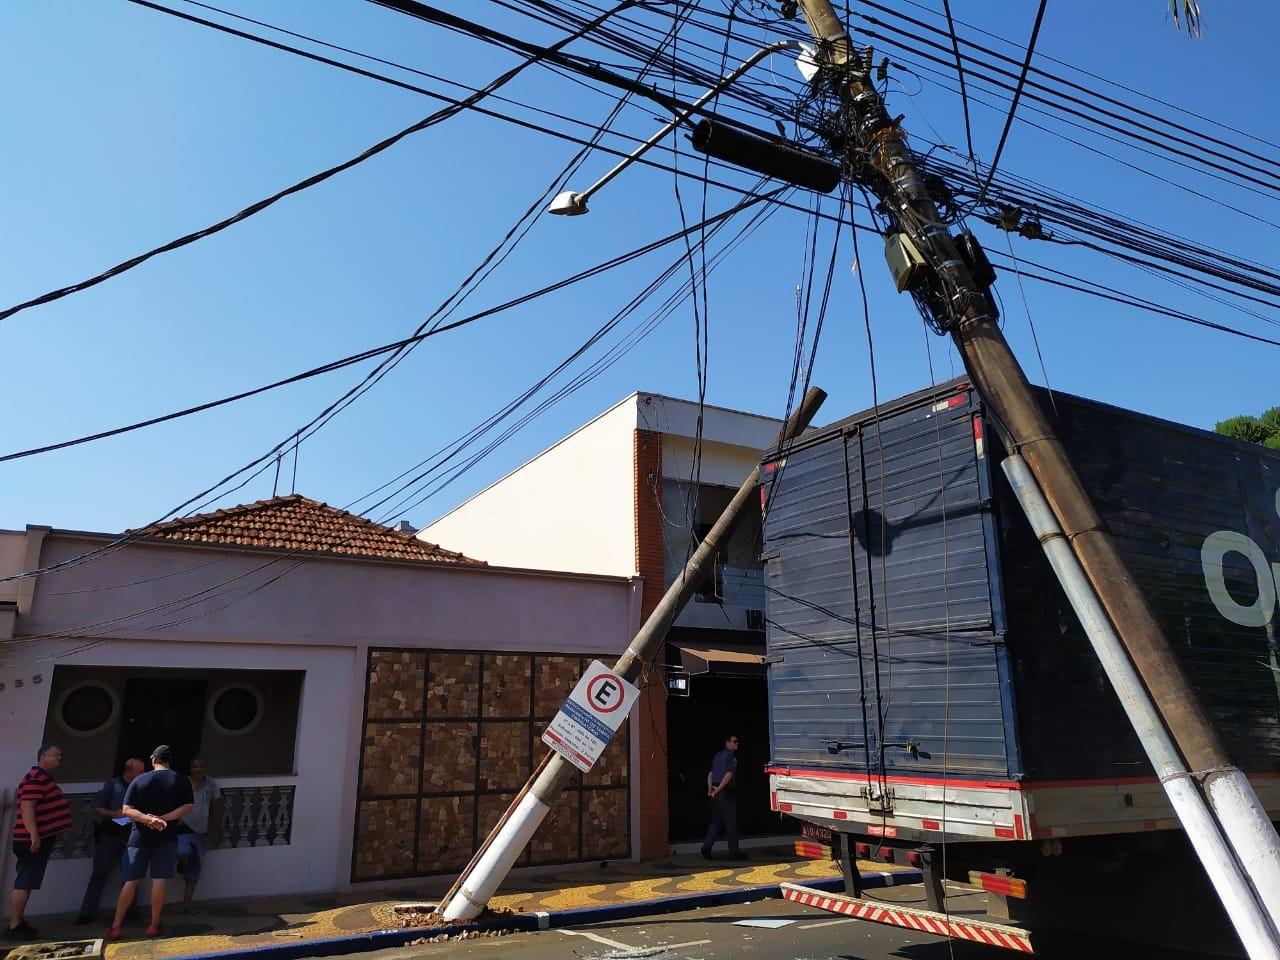 Caminhão enrosca em fios, arrasta postes em Leme e deixa 60 pessoas sem energia elétrica  - Notícias - Plantão Diário